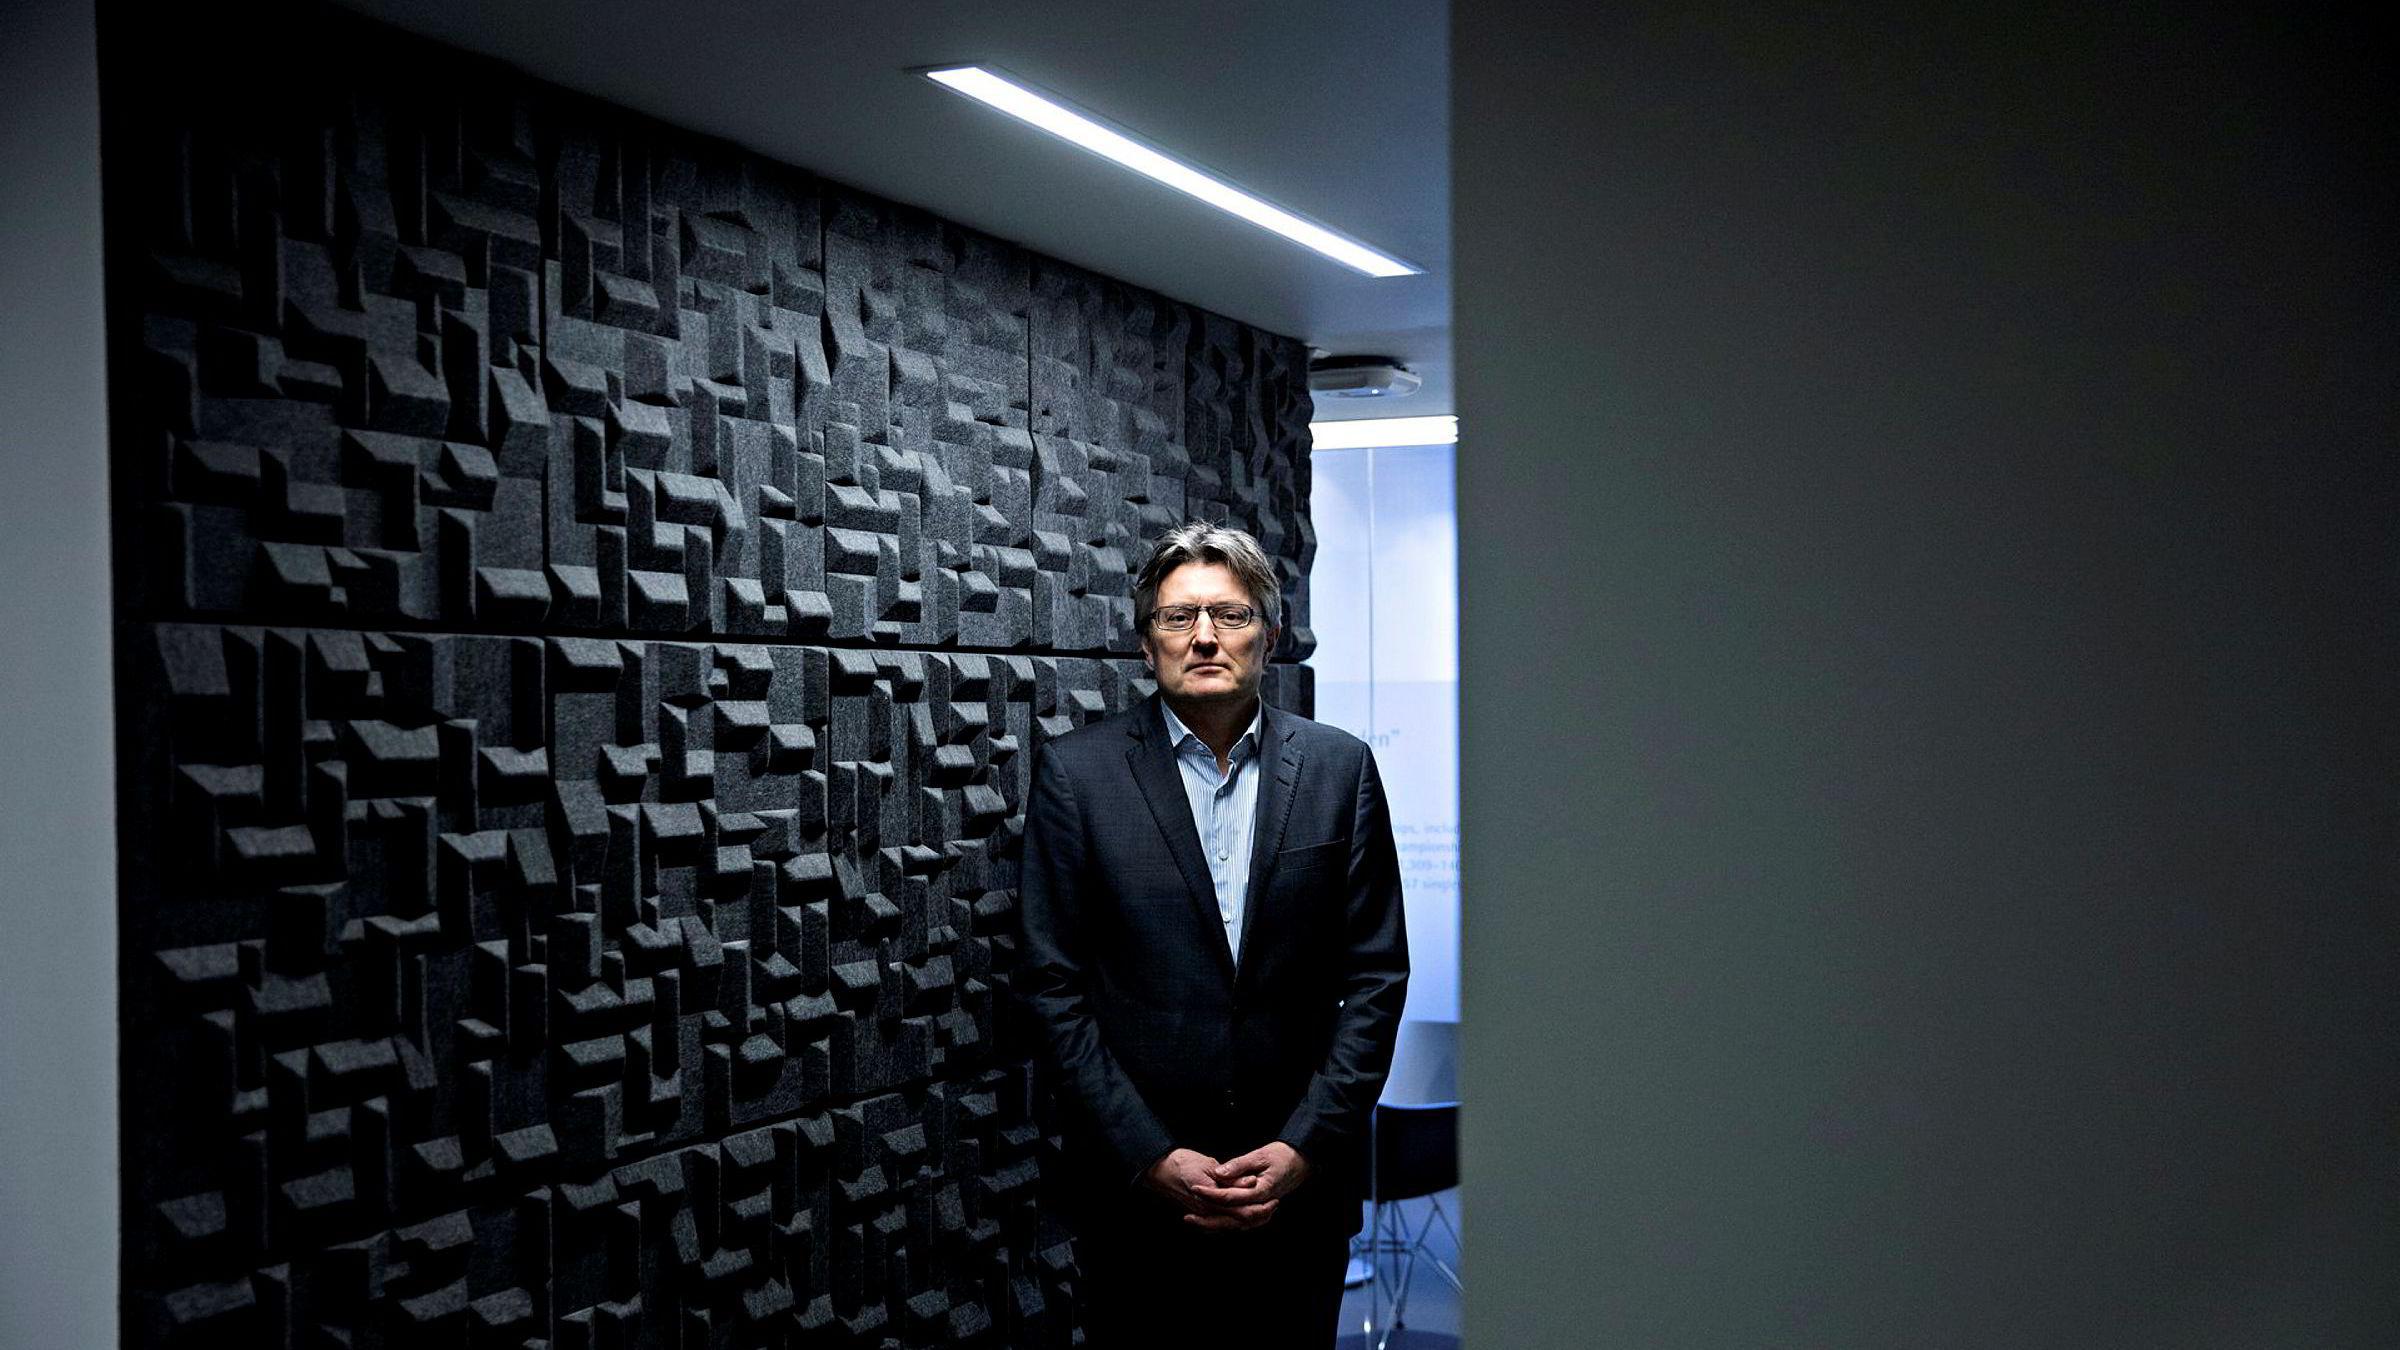 Porteføljeforvalter Petter Tusvik i Alfred Berg Kapitalforvaltning kaster DNB-aksjen ut av porteføljen denne uken.